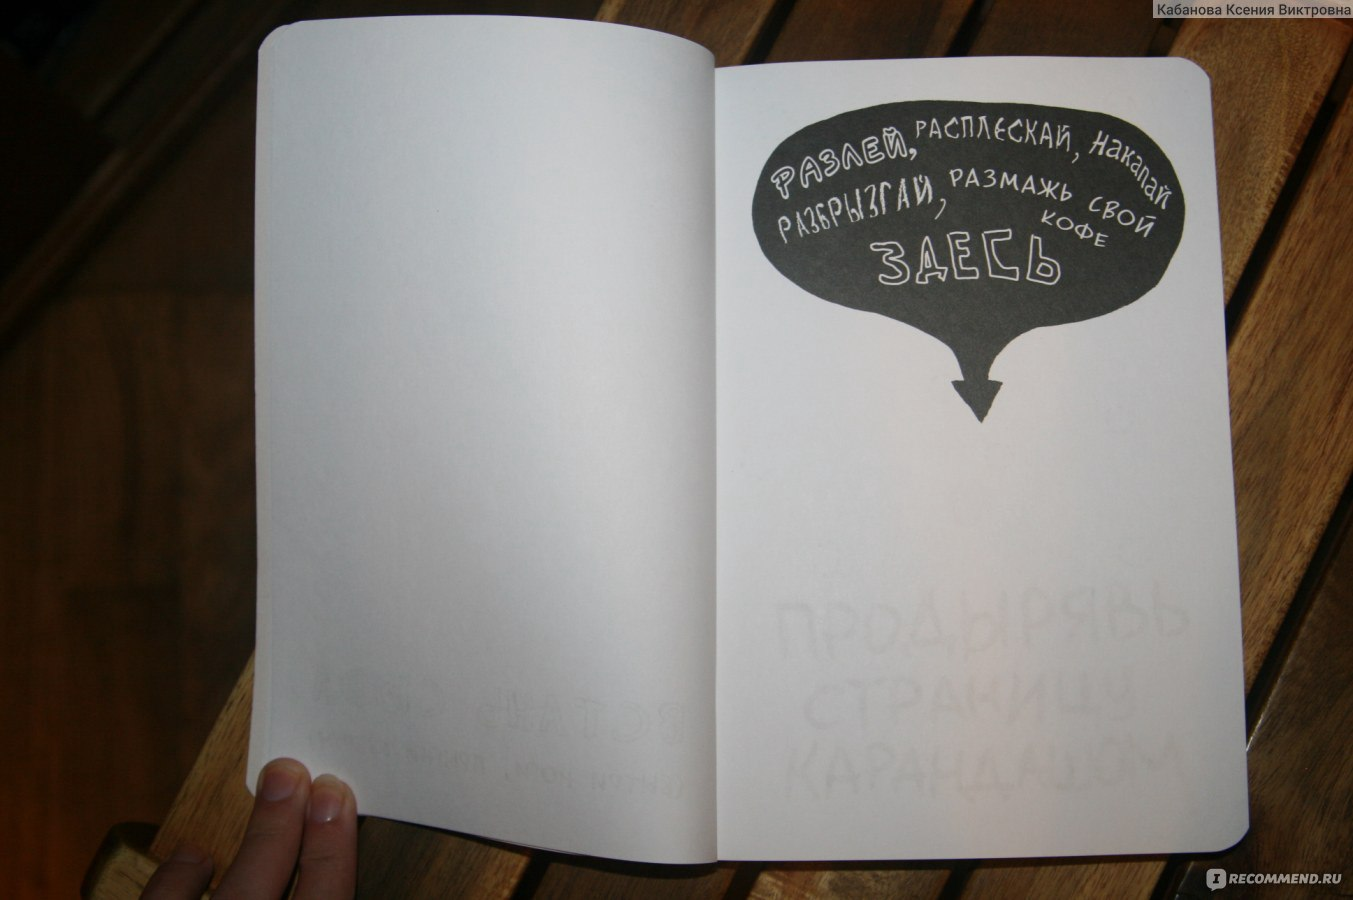 Как сделать книгу интересной для себя